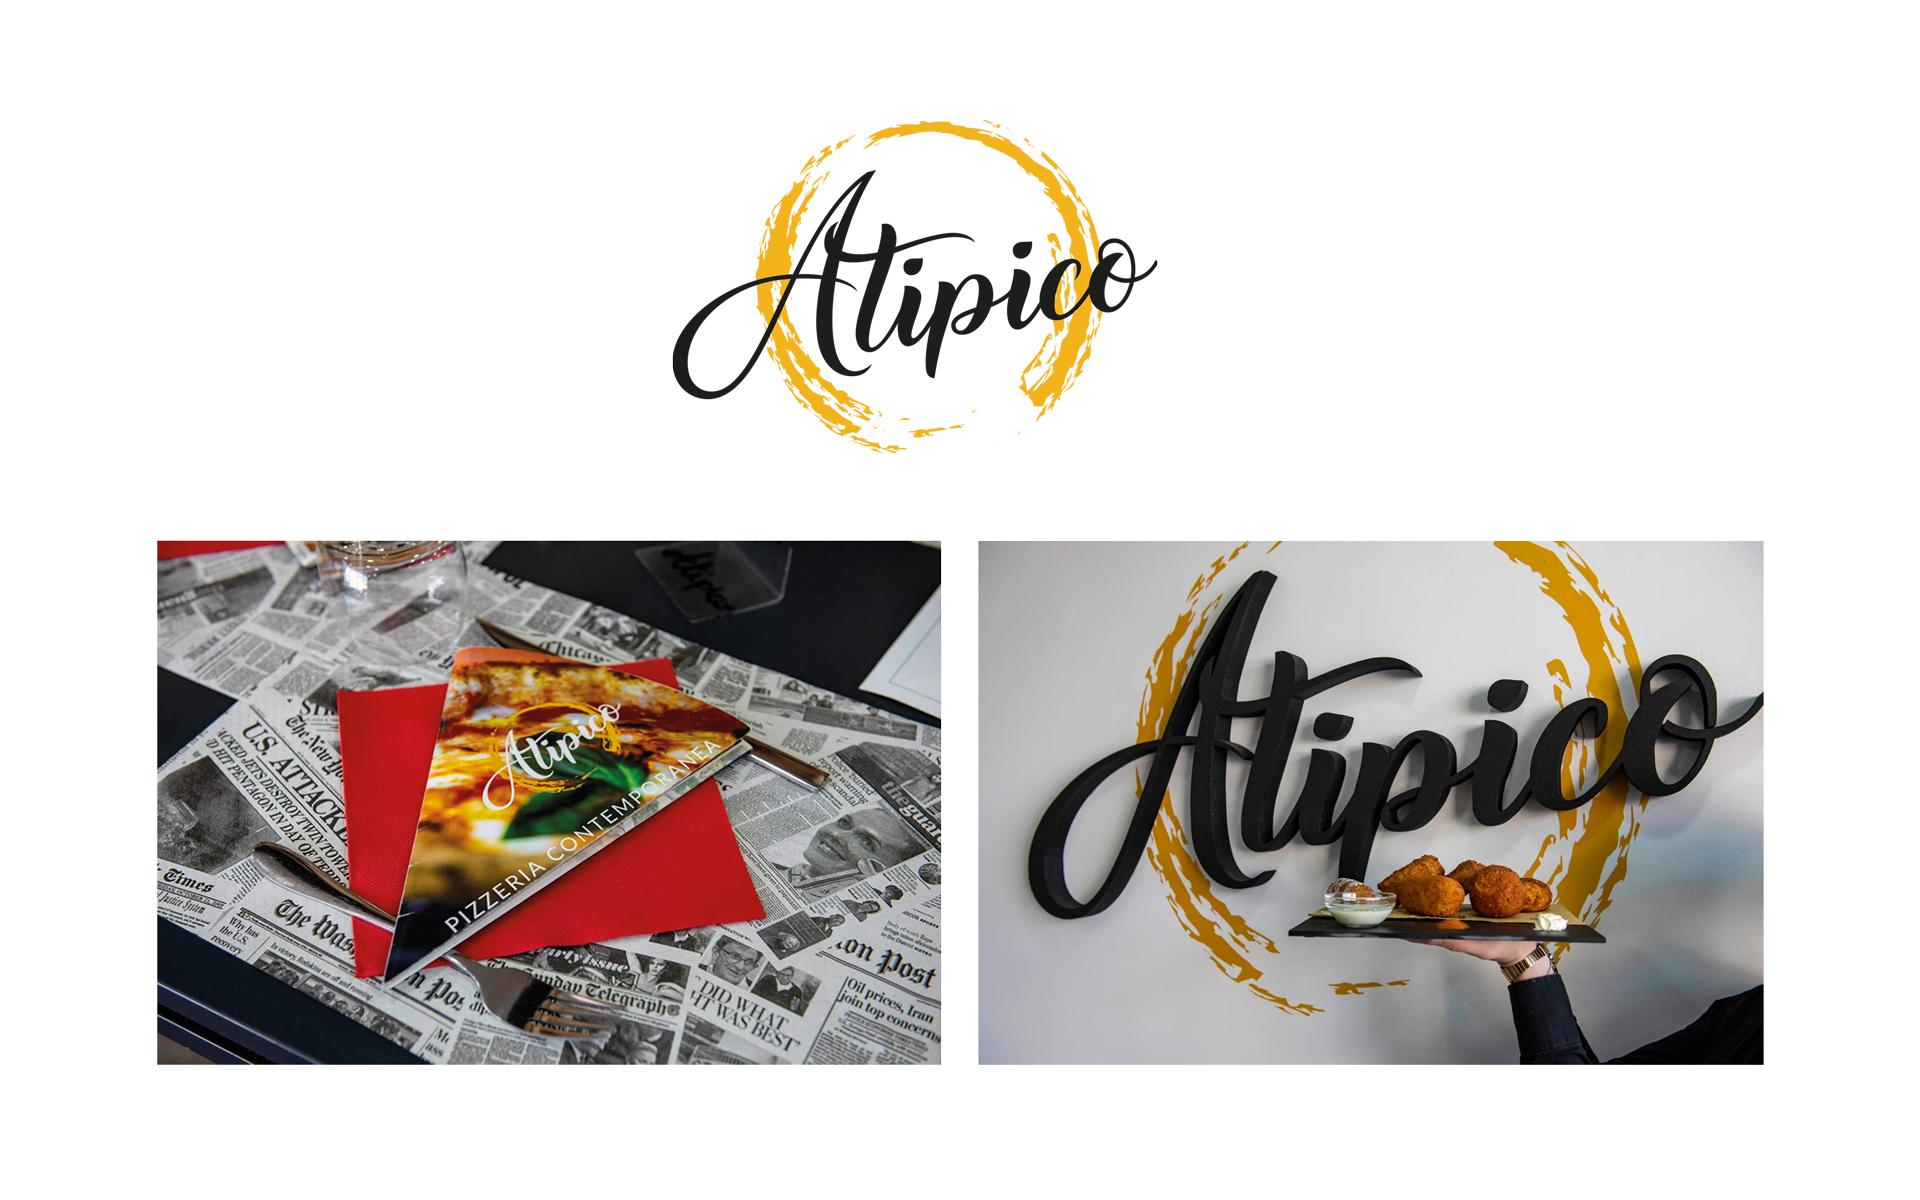 Atipico pizzeria